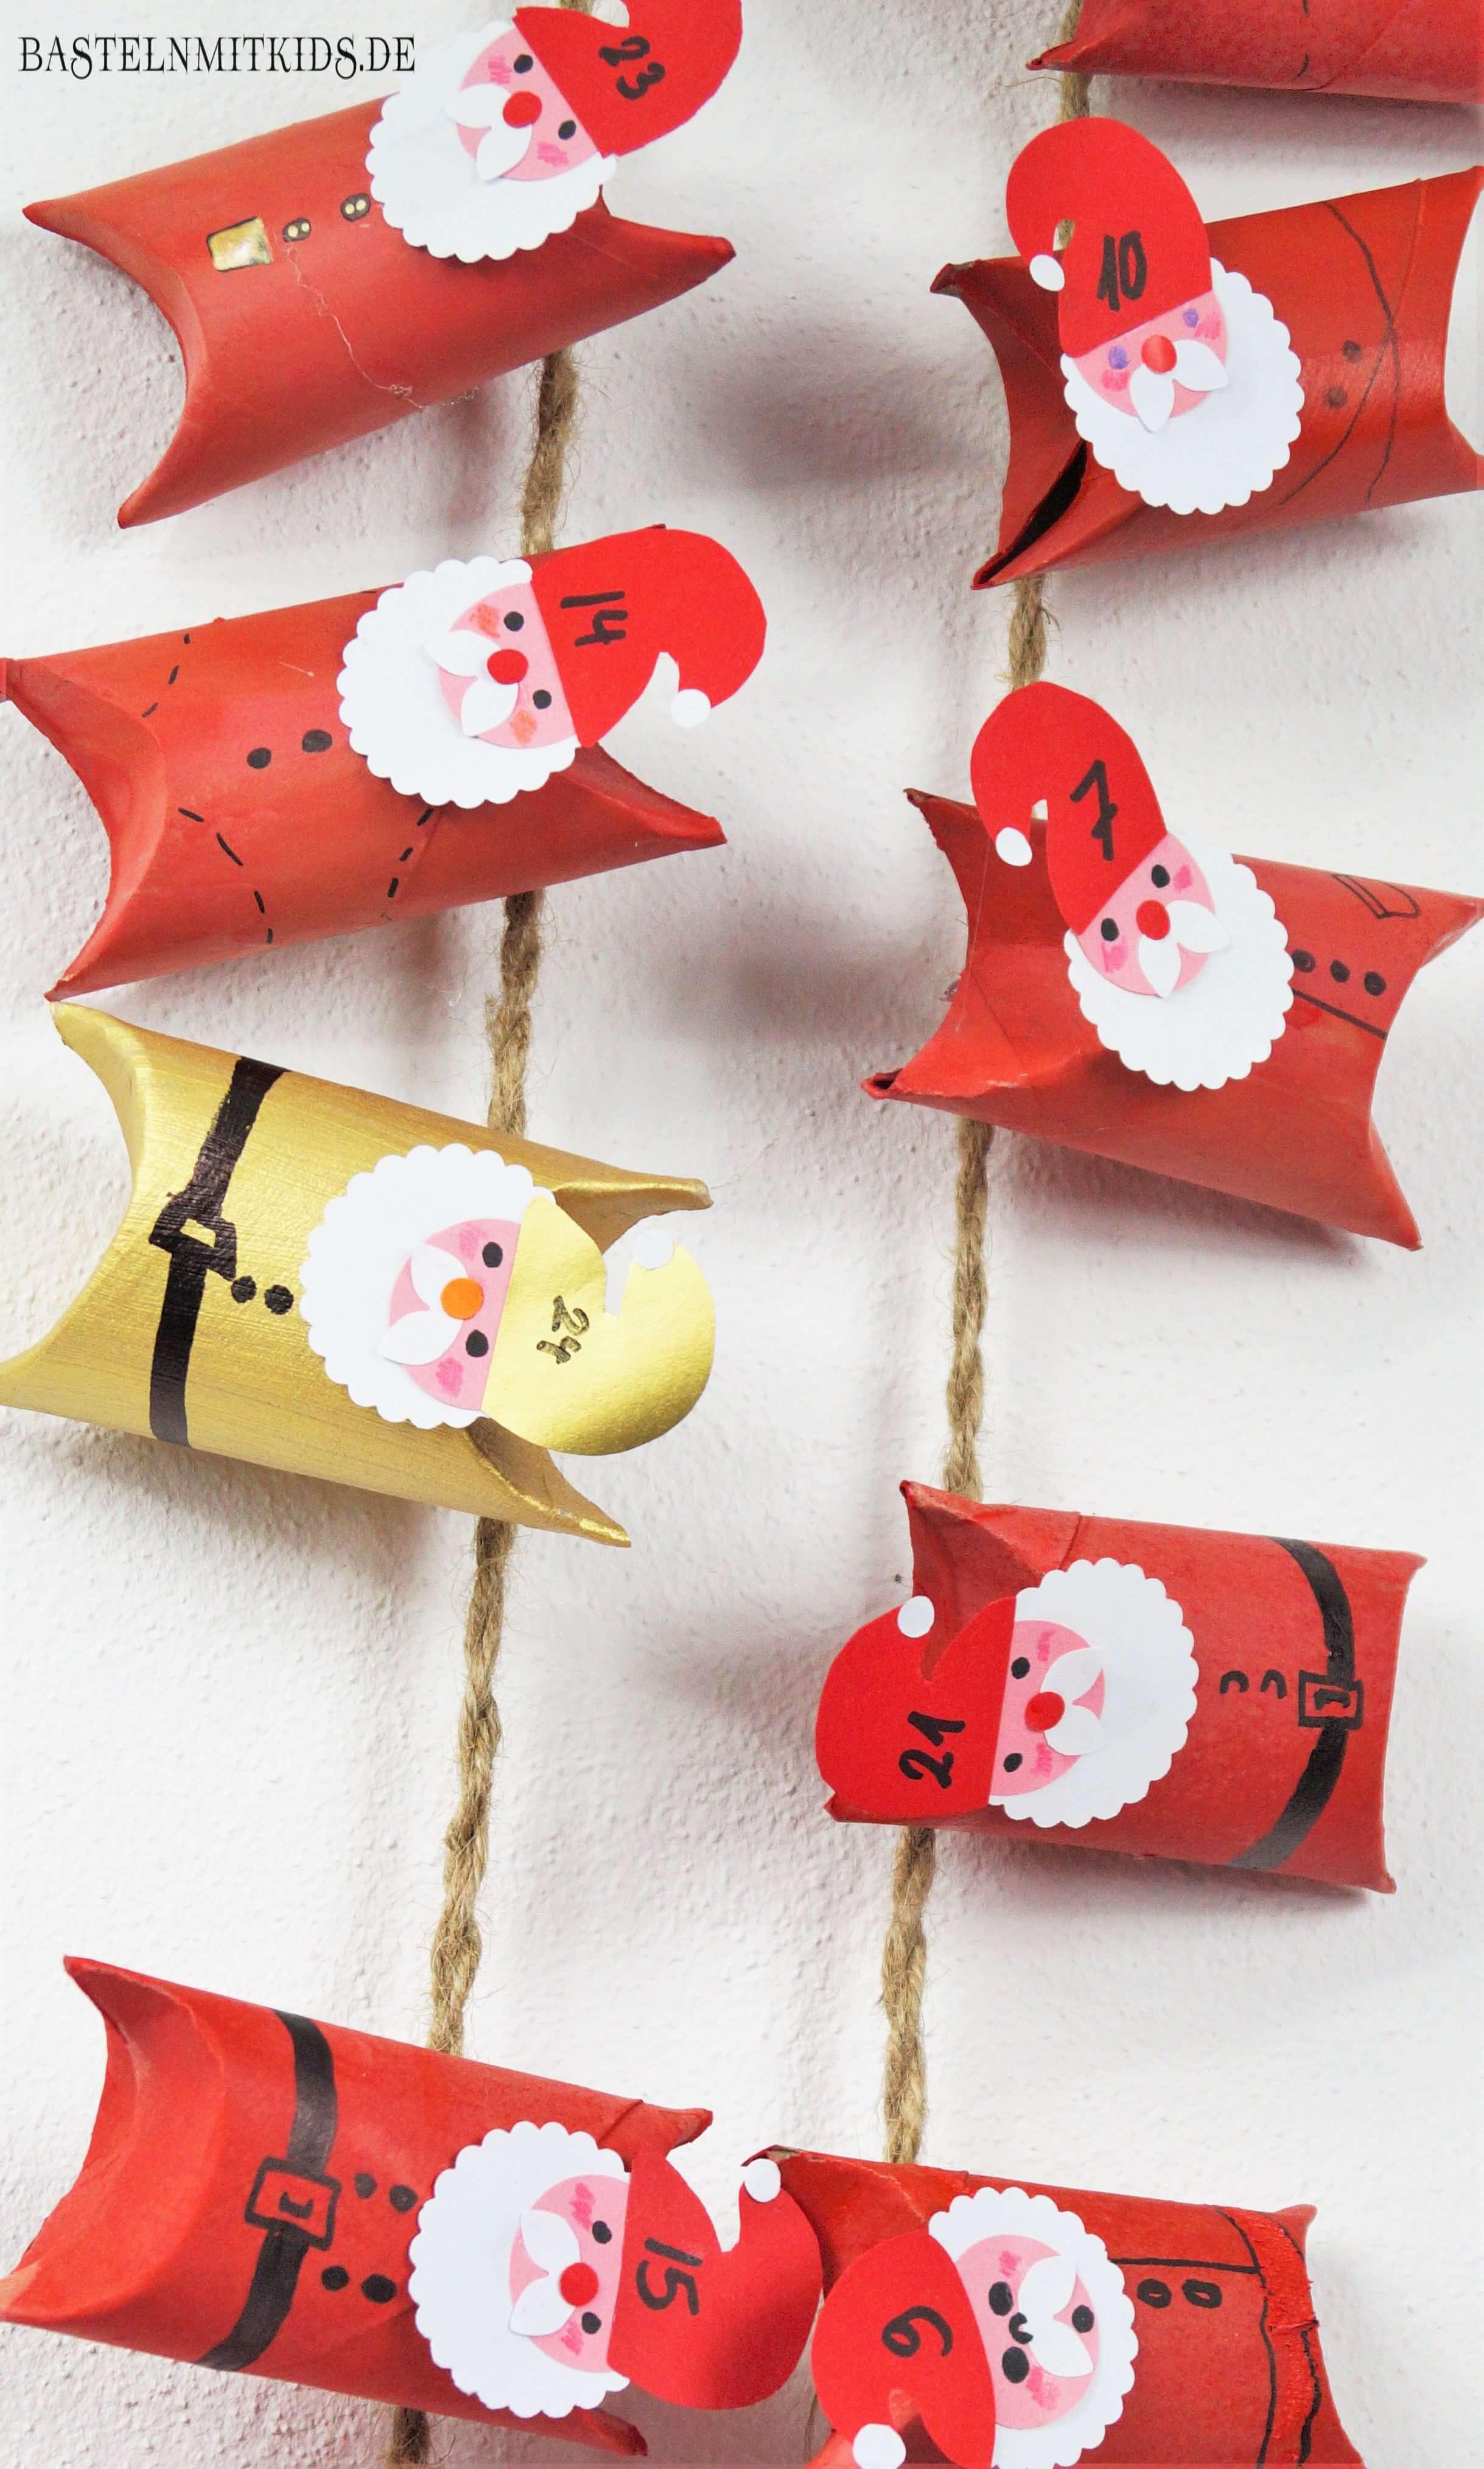 Basteln Mit Kindern Adventskalender Selber Basteln Mit Klopapierrollen